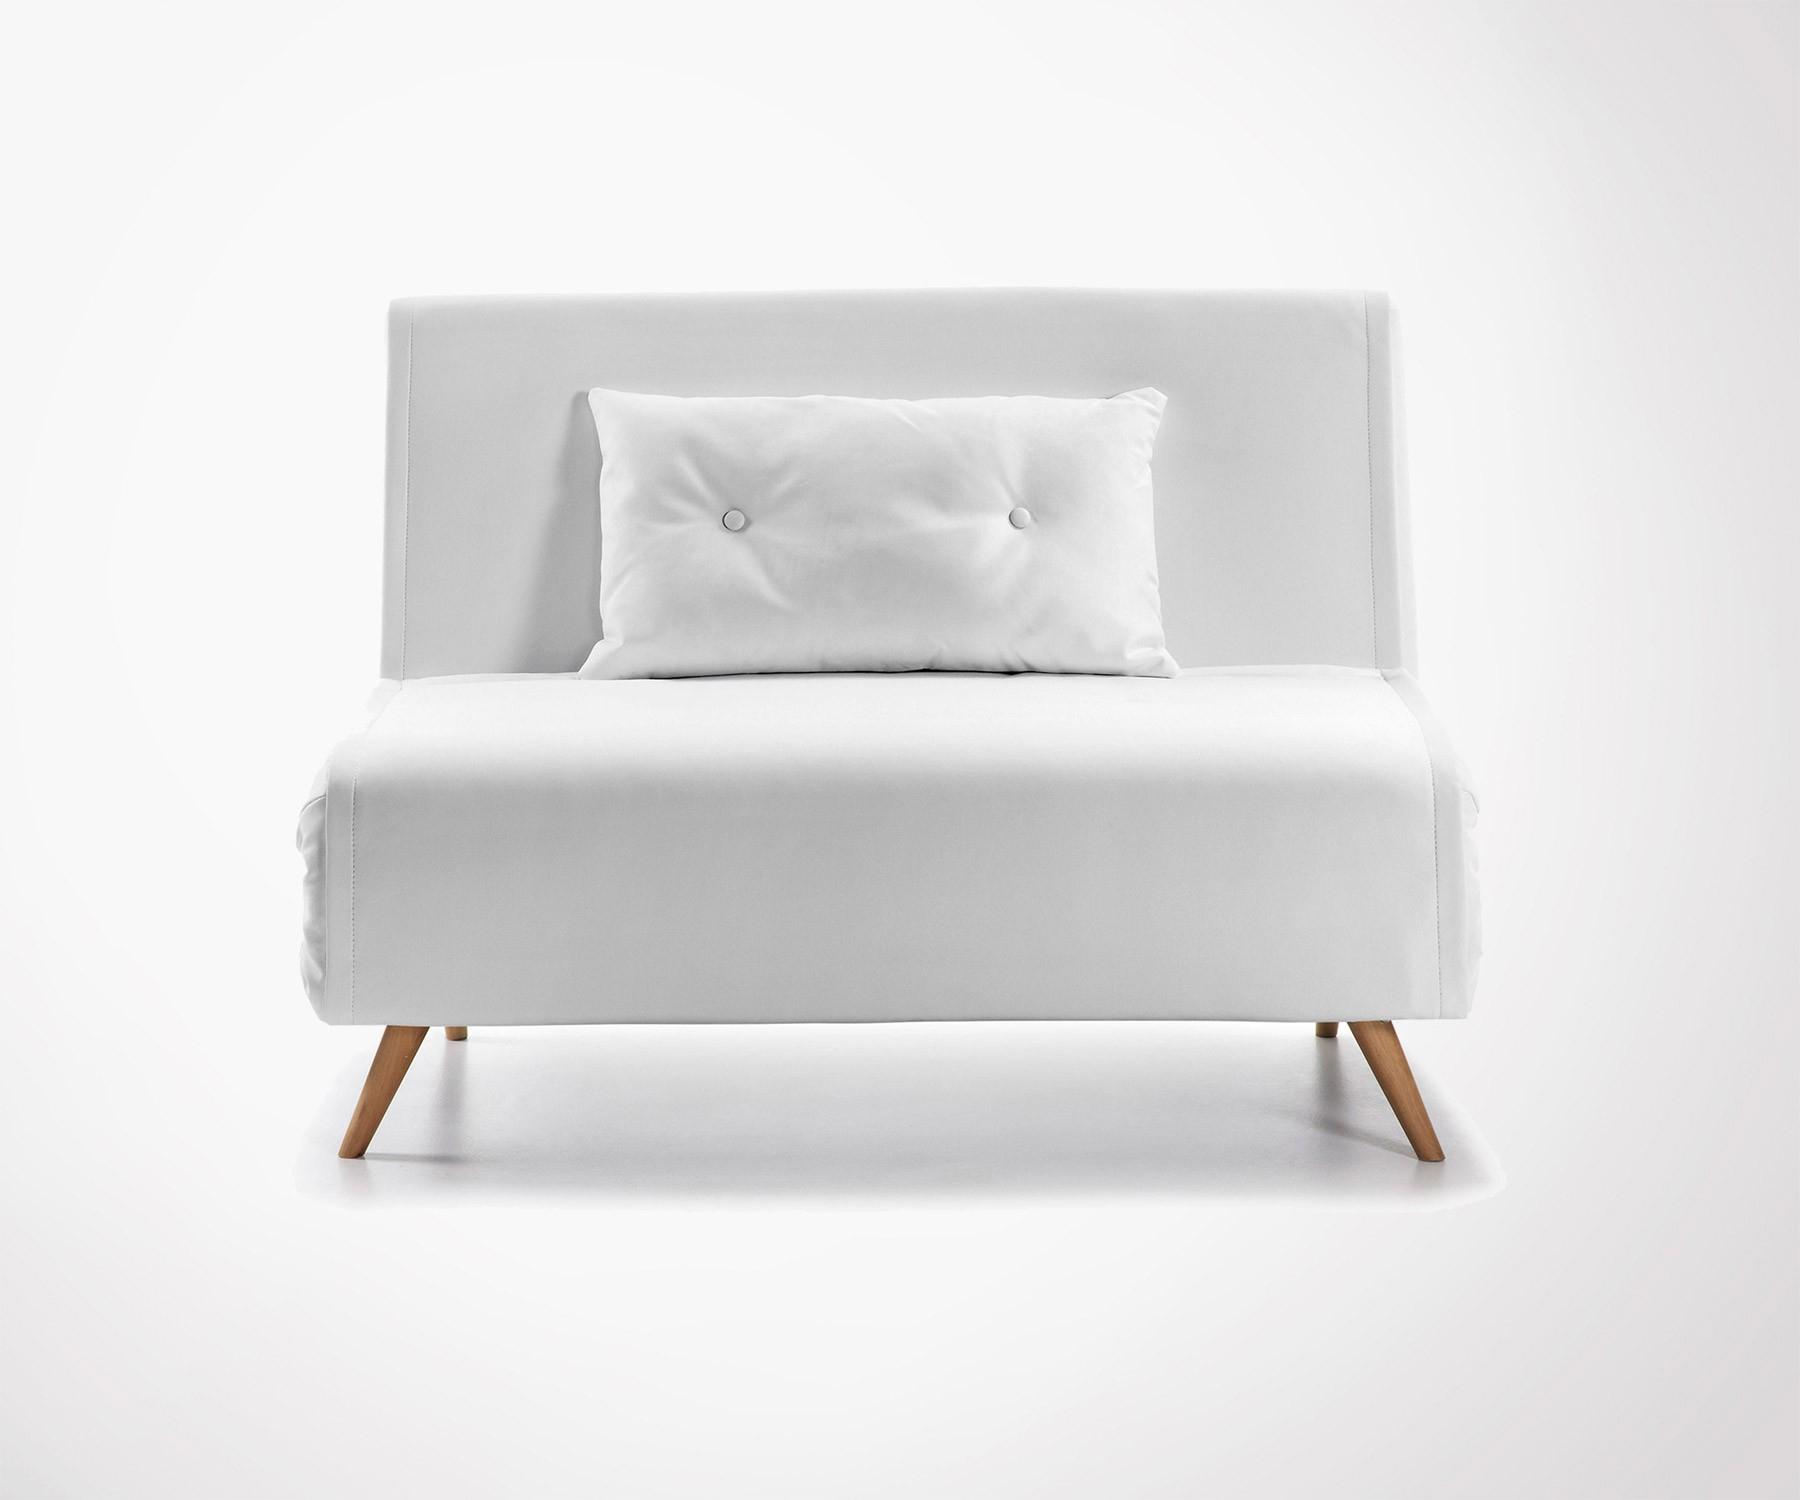 Sofa Chauffeuse 1 Place Simili Cuir Pas Chère Et Design tout Canape Convertible Cuir Blanc